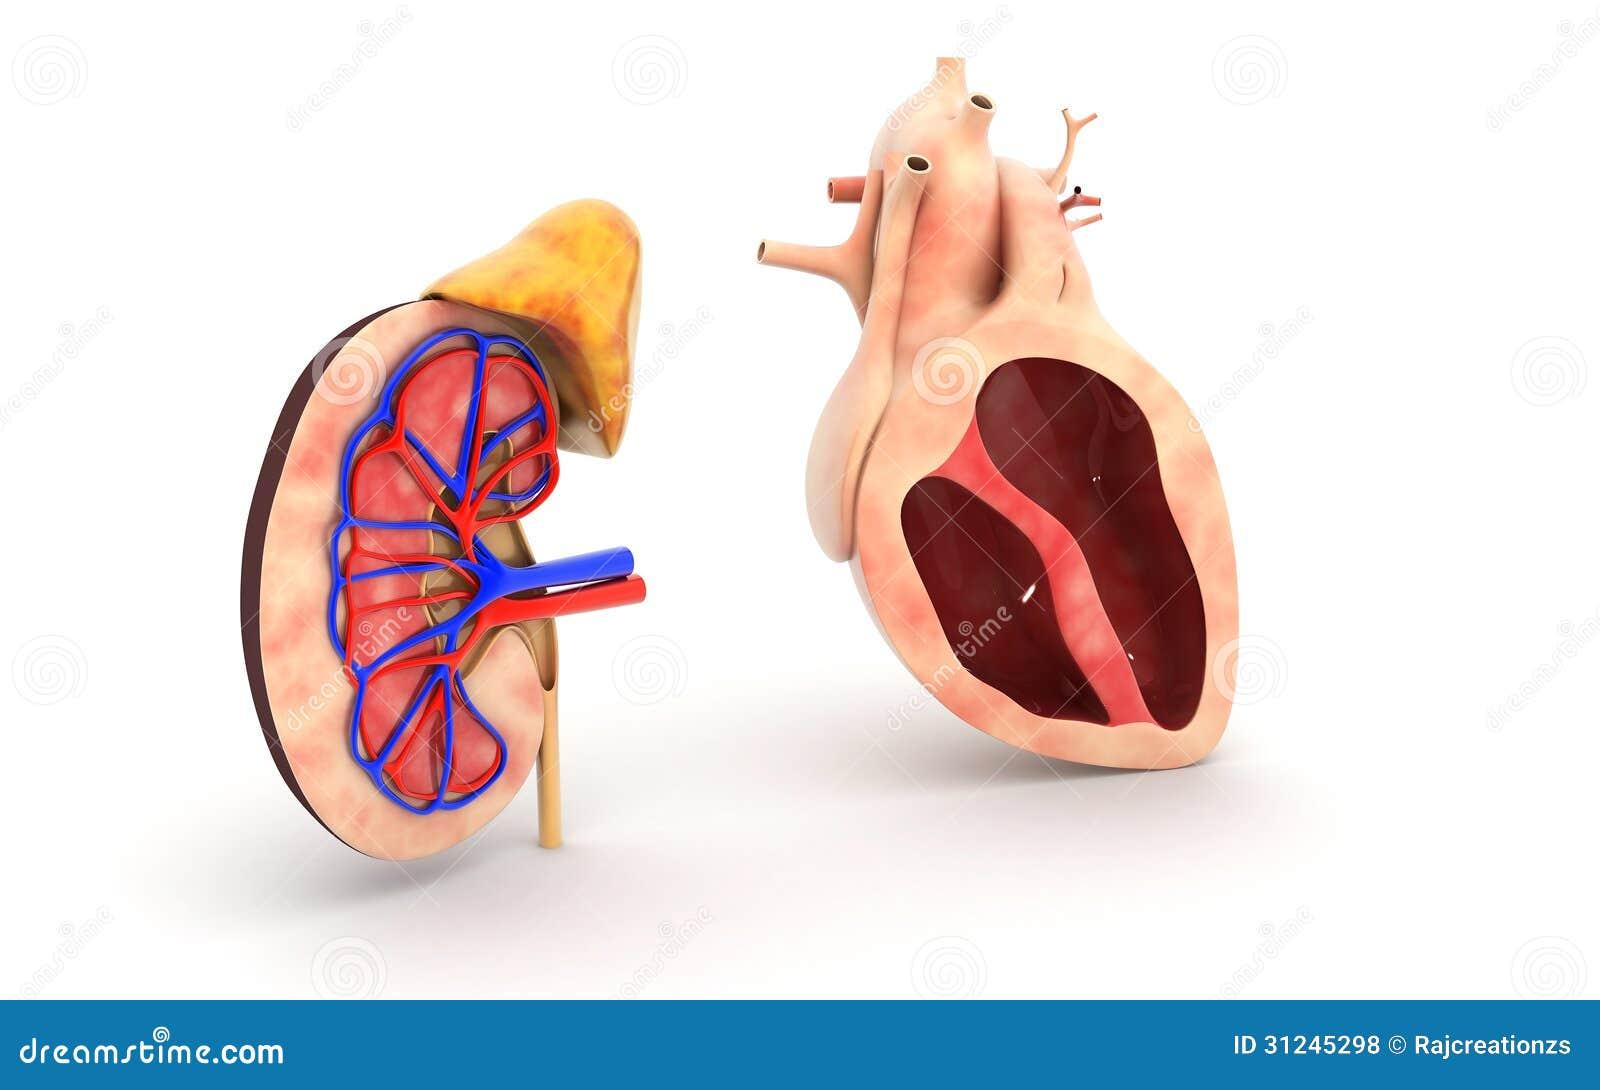 Menschliches Herz Und Niere Stock Abbildung - Illustration von leben ...